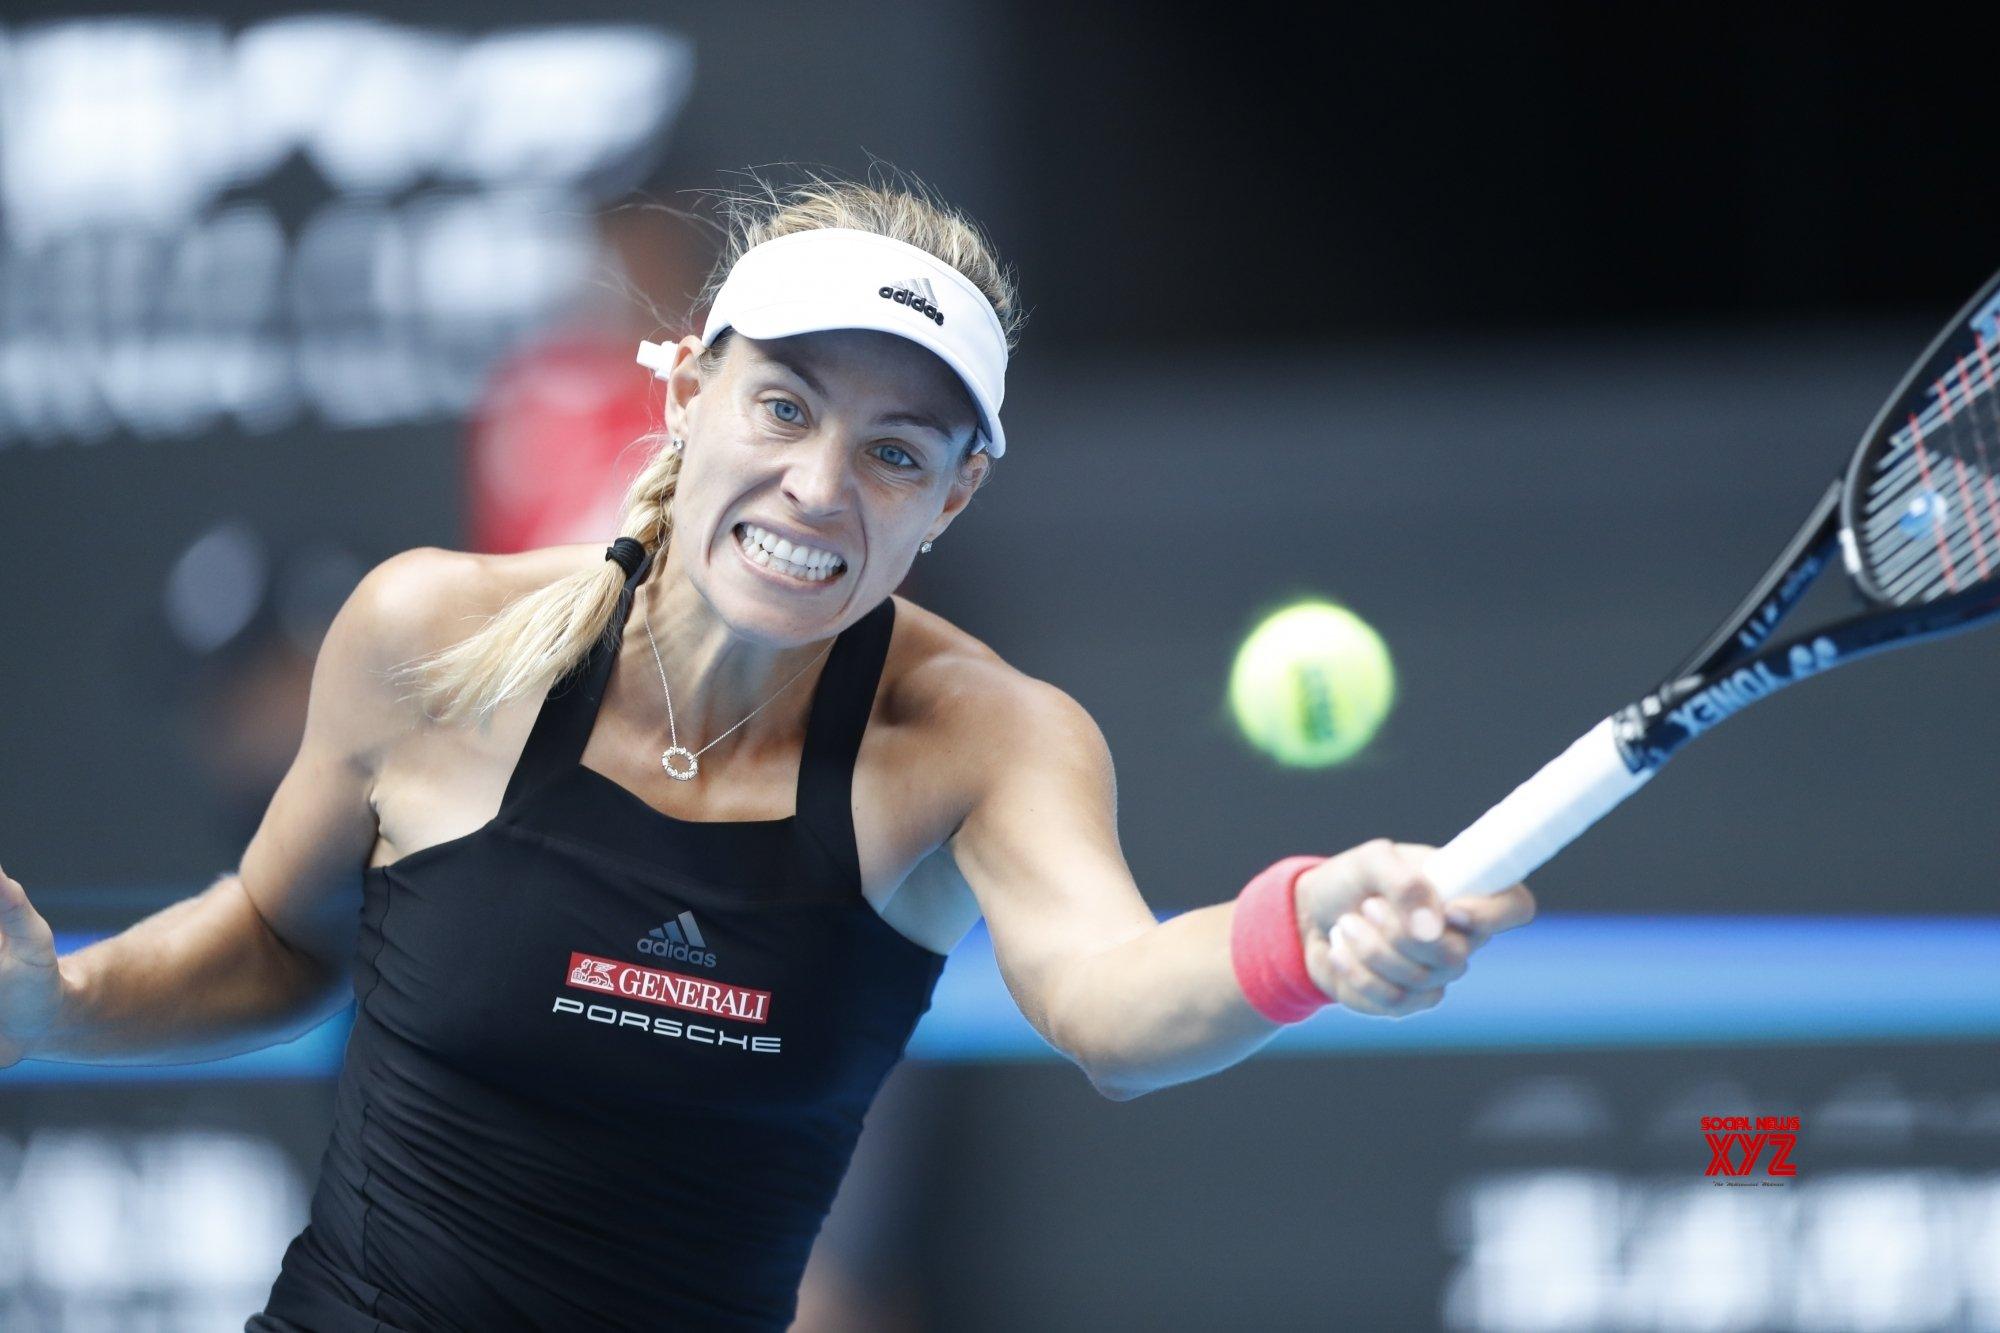 Kerber downs Hercog 6-2, 6-2 in round 1 of Australian Open